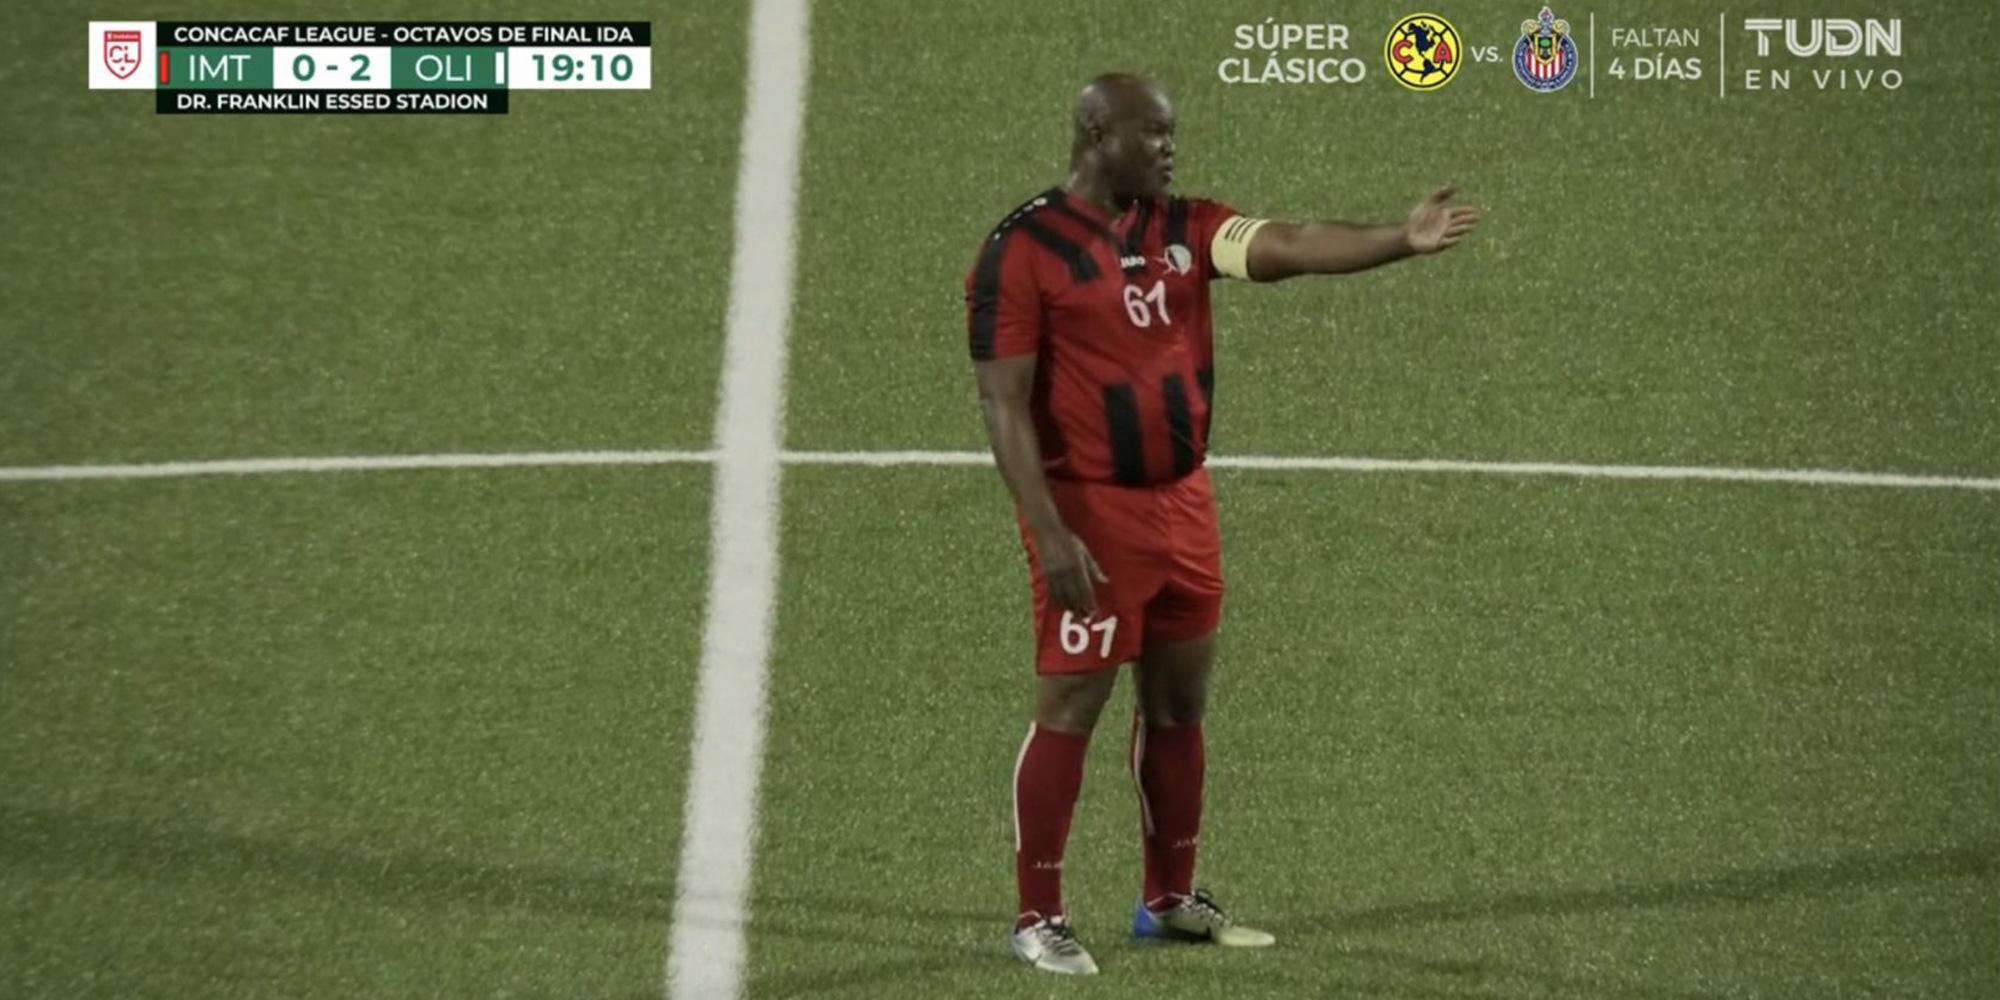 Le vice-président du Suriname, 60 ans, soupçonné de corruption après avoir joué un match de foot professionnel